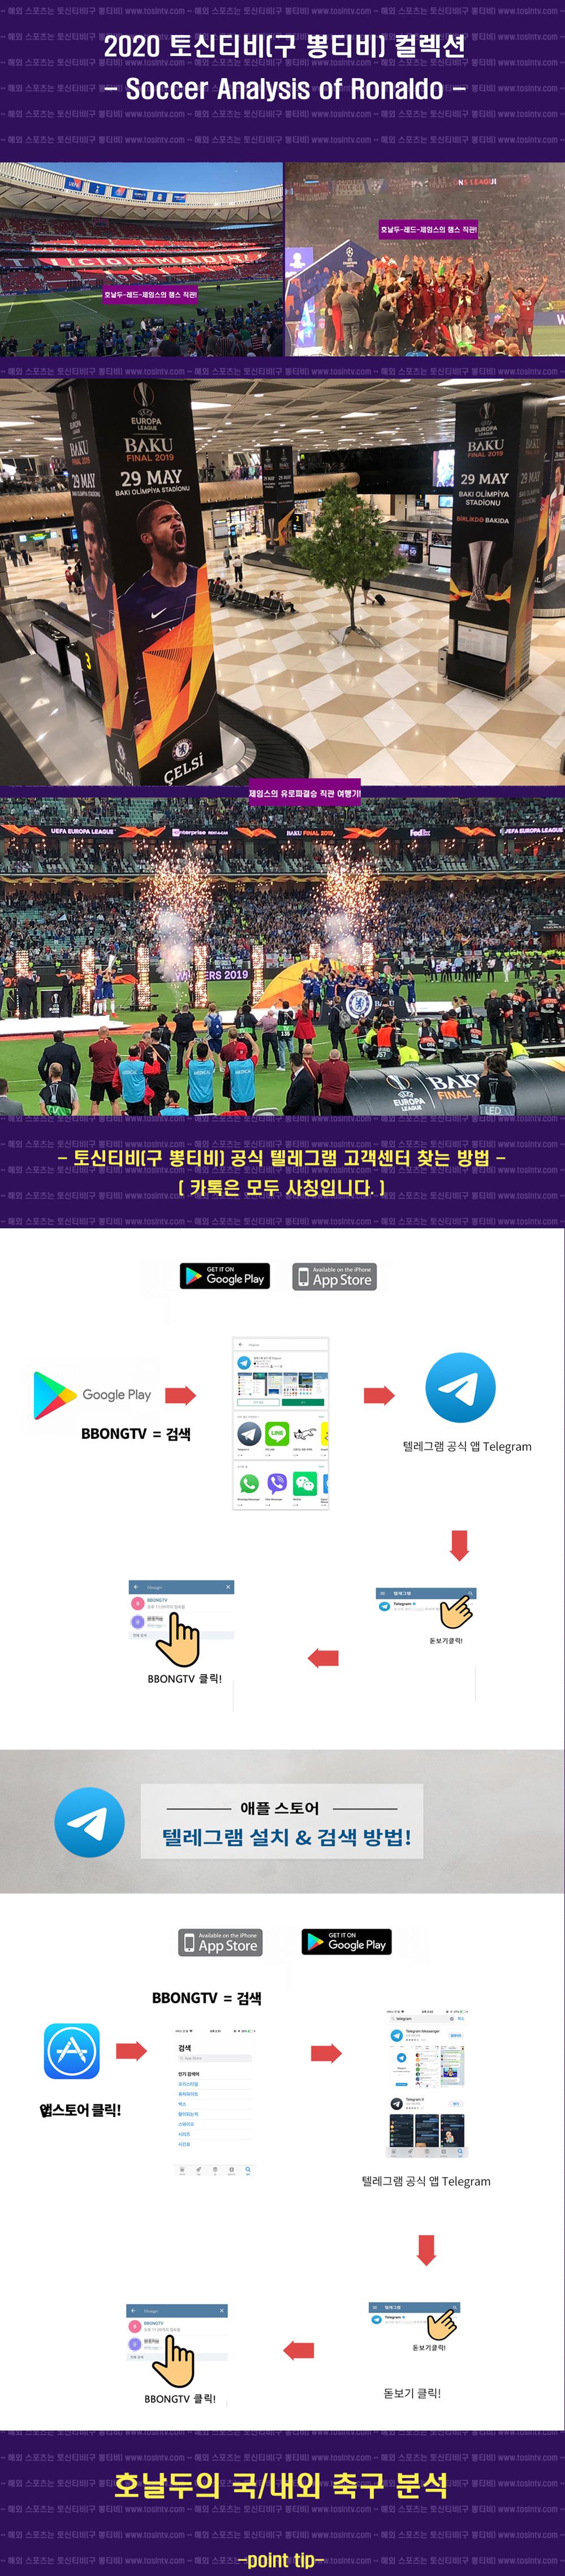 호날두-축구-분석 (9).jpg